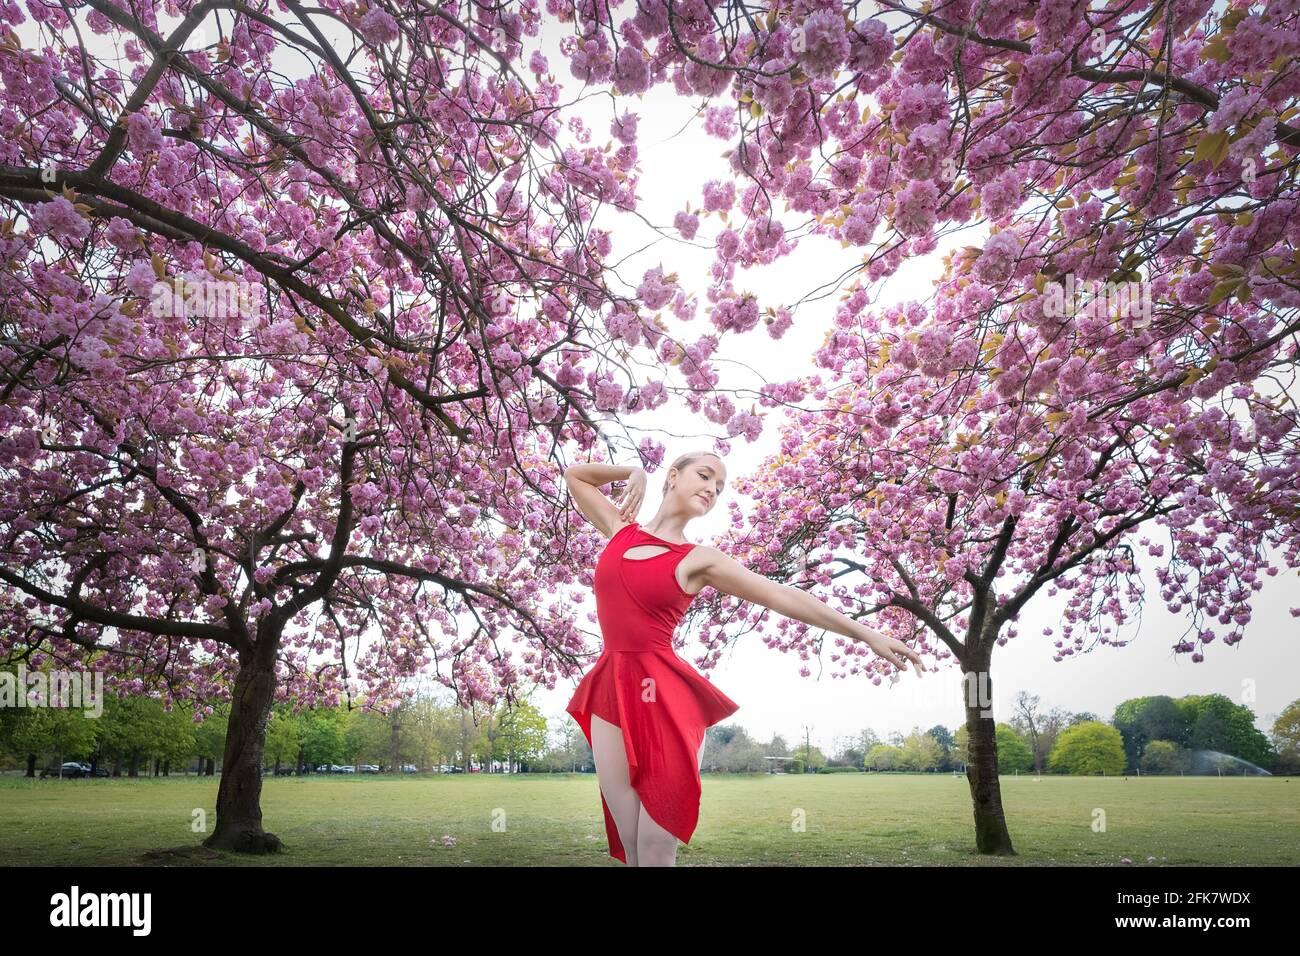 Londra, Regno Unito. 29 aprile 2021. Giornata Internazionale della Danza: Aria Tilah, studente della Royal Academy of Dance, si esibisce tra gli impressionanti alberi di ciliegio in fiore a Greenwich Park nella Giornata Internazionale della Danza. Celebrata per la prima volta nel 1982, la Giornata Internazionale della Danza si è svolta ogni anno dalla celebrazione dell'anniversario della nascita di Jean-Georges Noverre (1727-1810), considerato il creatore del balletto moderno. Credit: Guy Corbishley/Alamy Live News Foto Stock